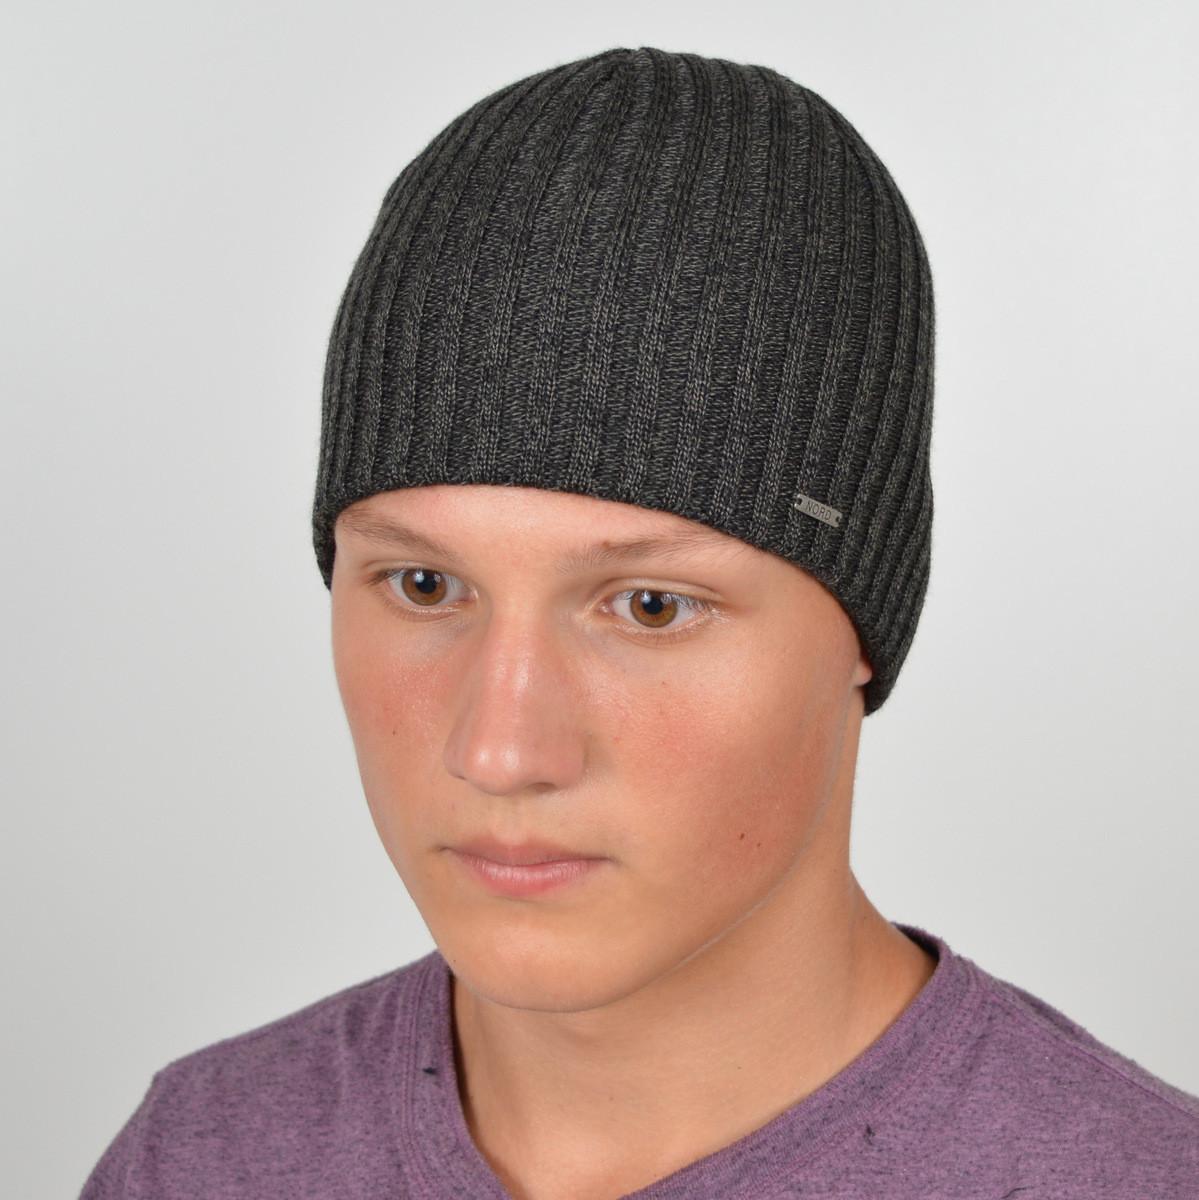 Мужская вязанная шапка NORD серый меланж